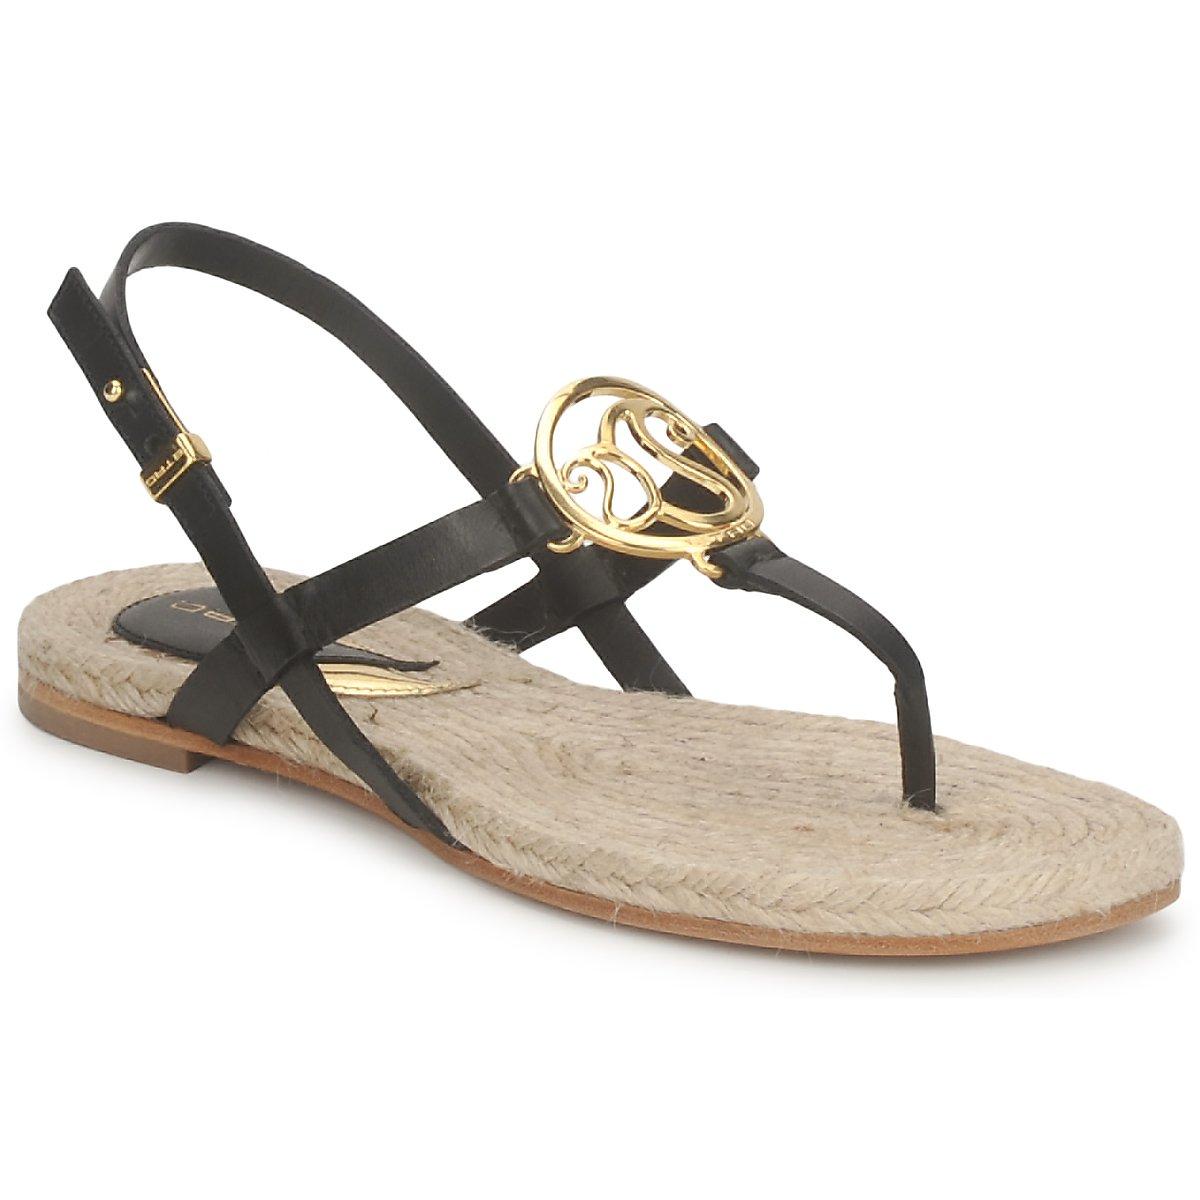 Sandale Etro 3426 Noir